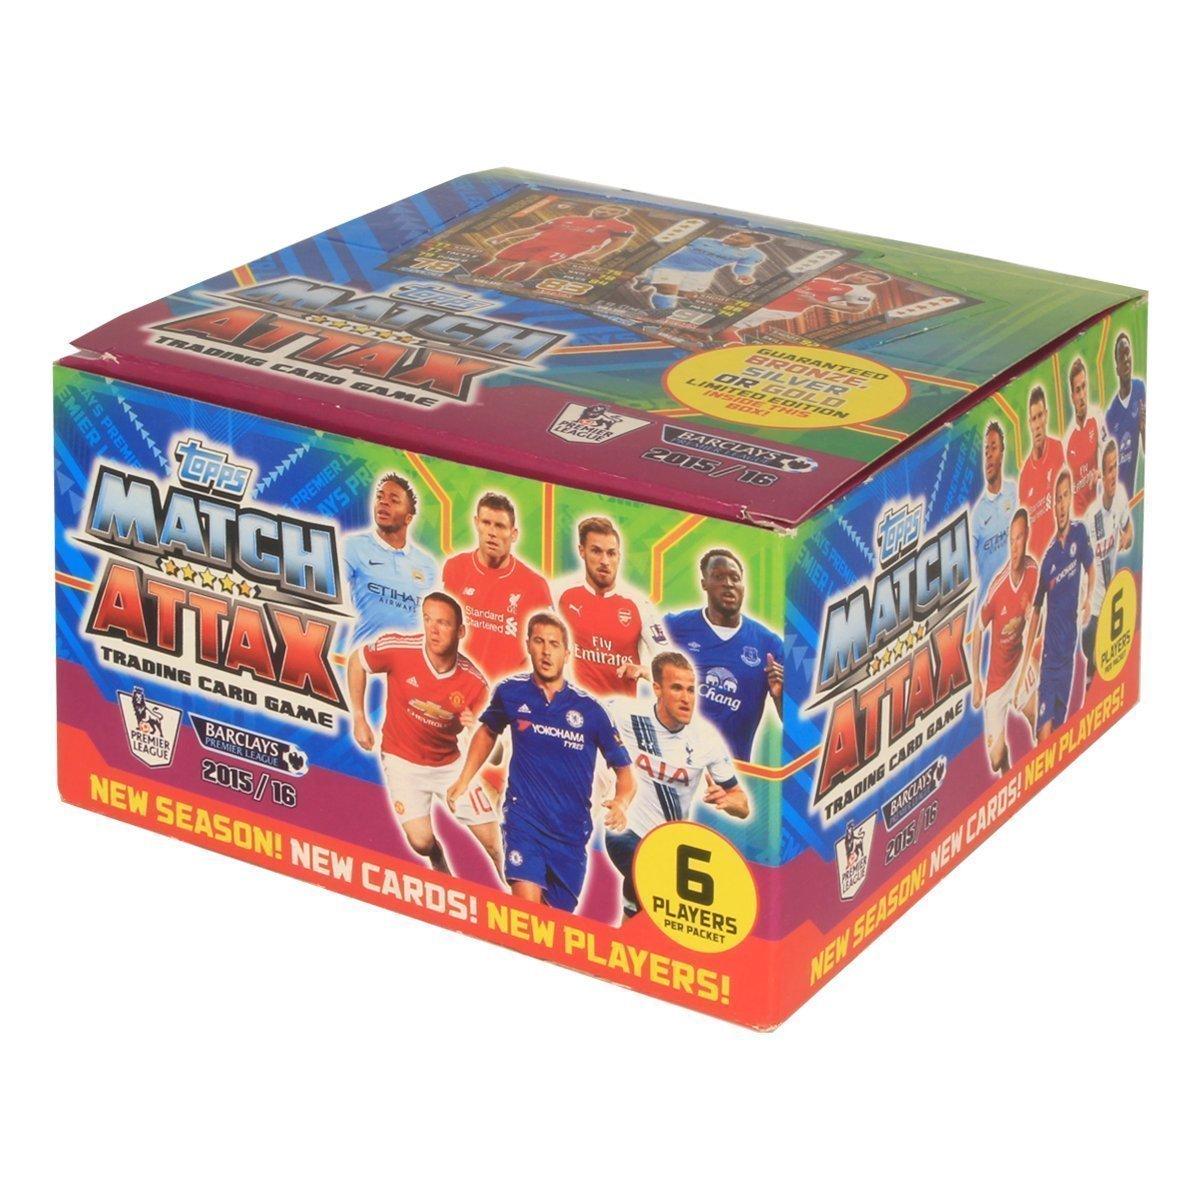 Topps Match Attax 2015 2016 (50 Packs) 15 16 Packets